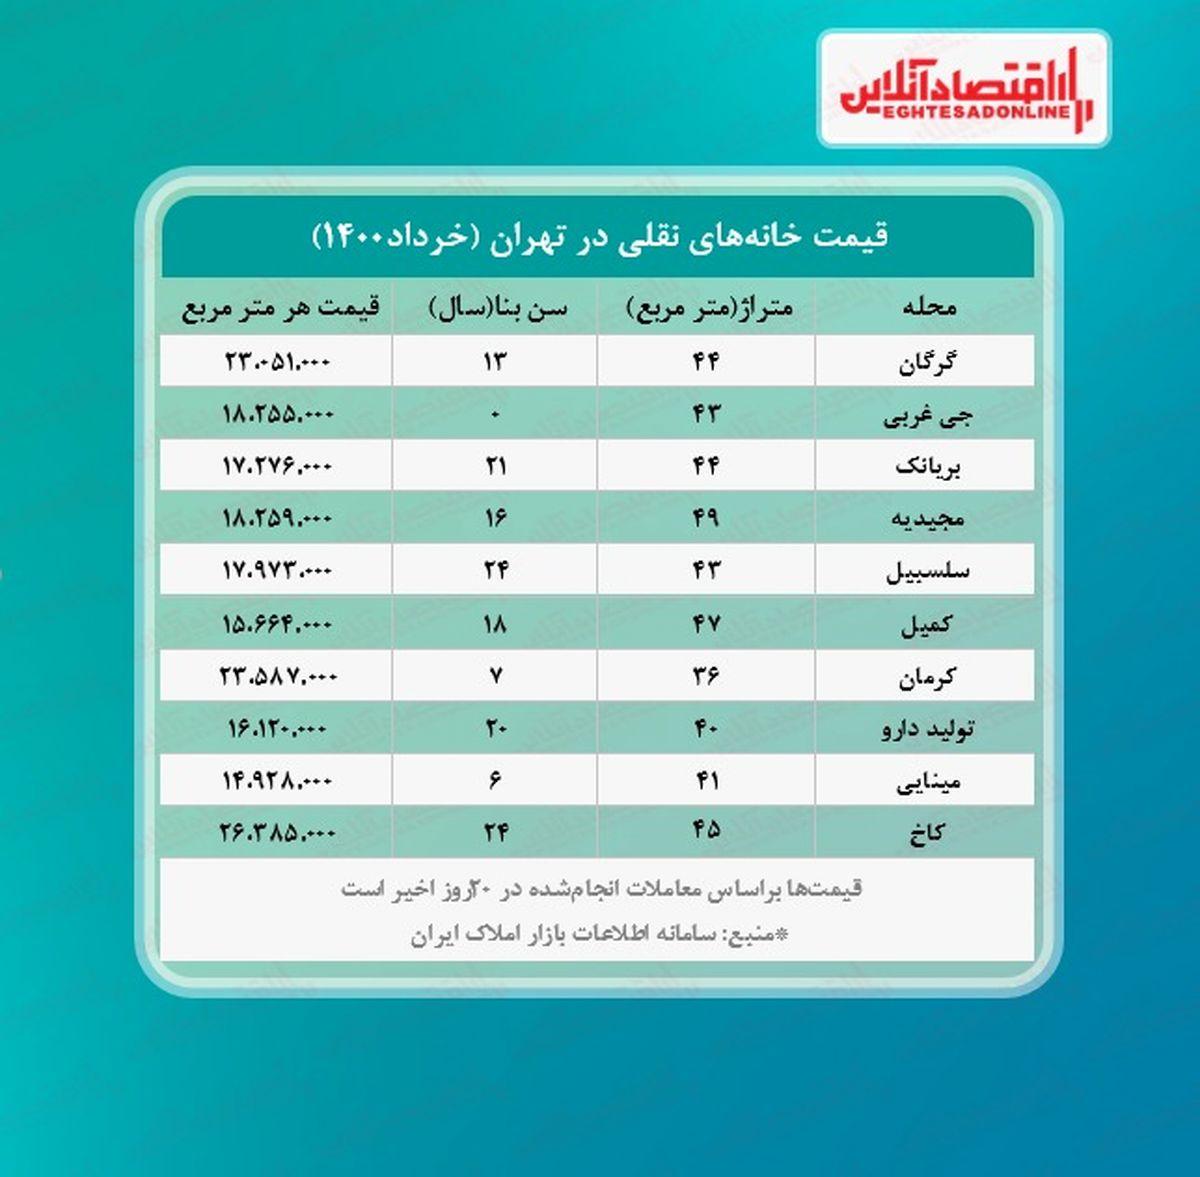 یک خانه نقلی در تهران چند؟